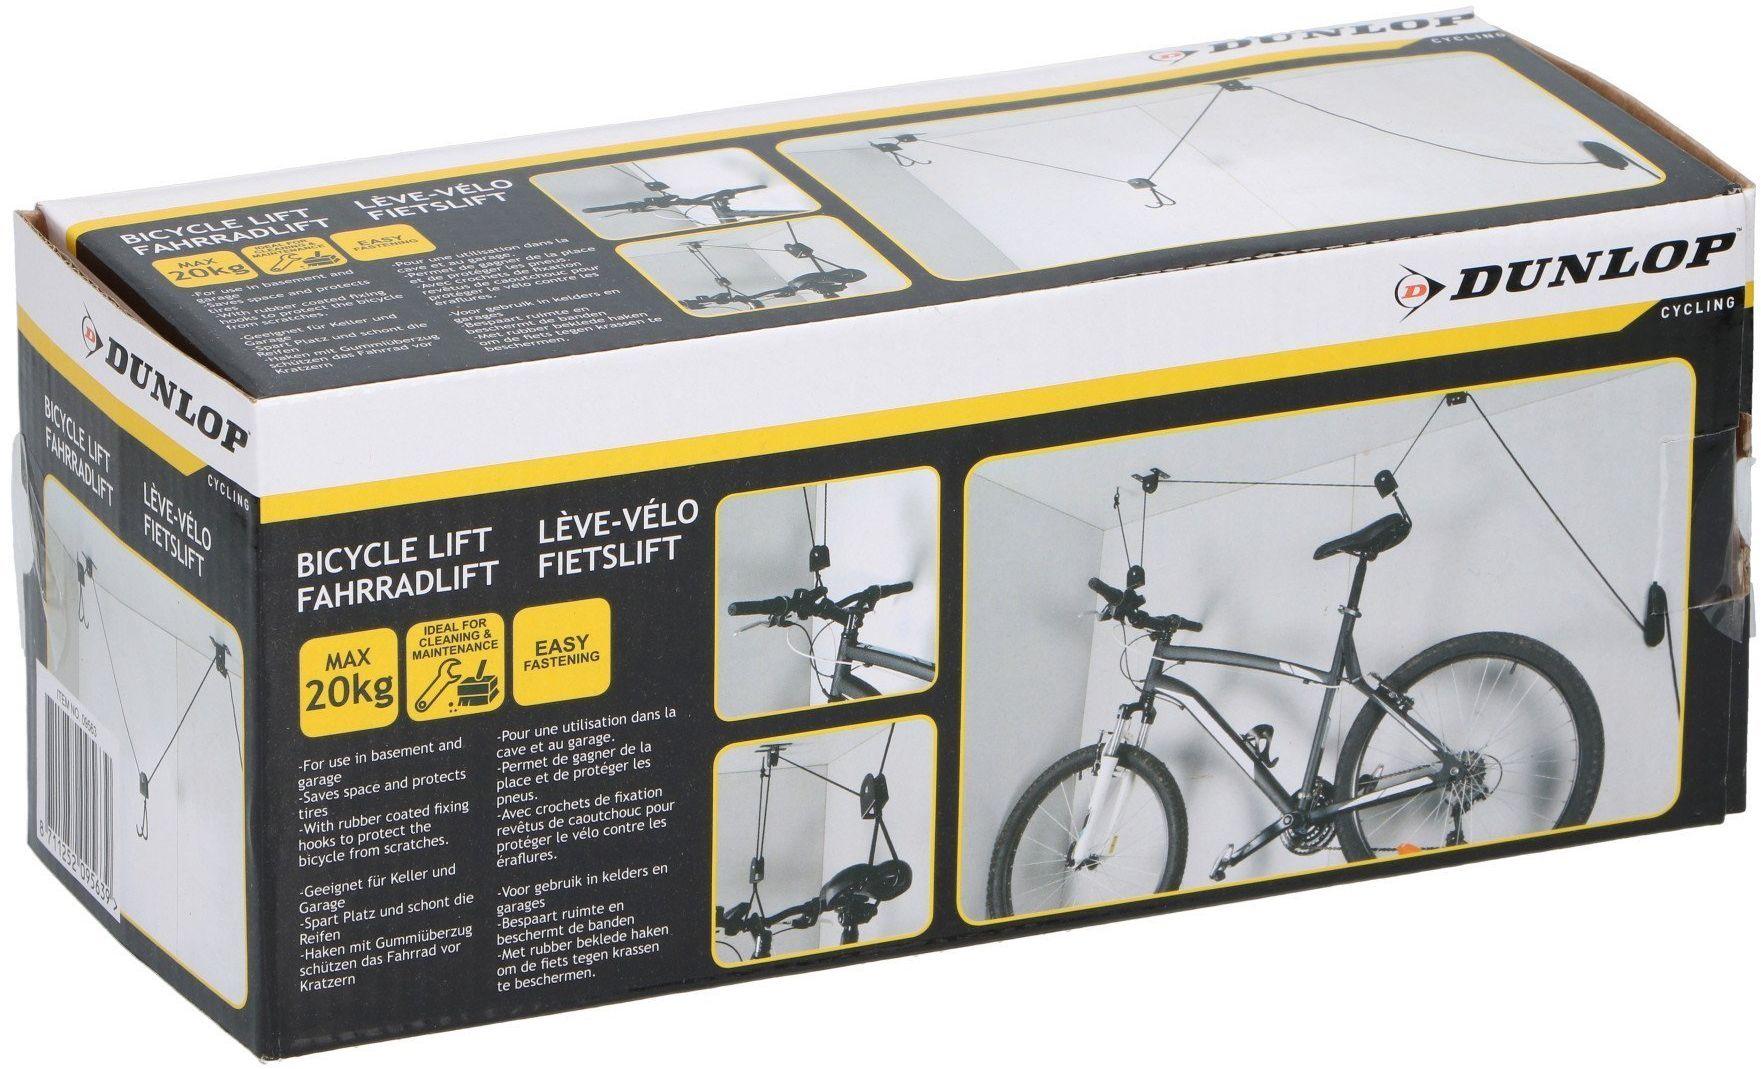 Uchwyt wieszak sufitowy na rower Dunlop